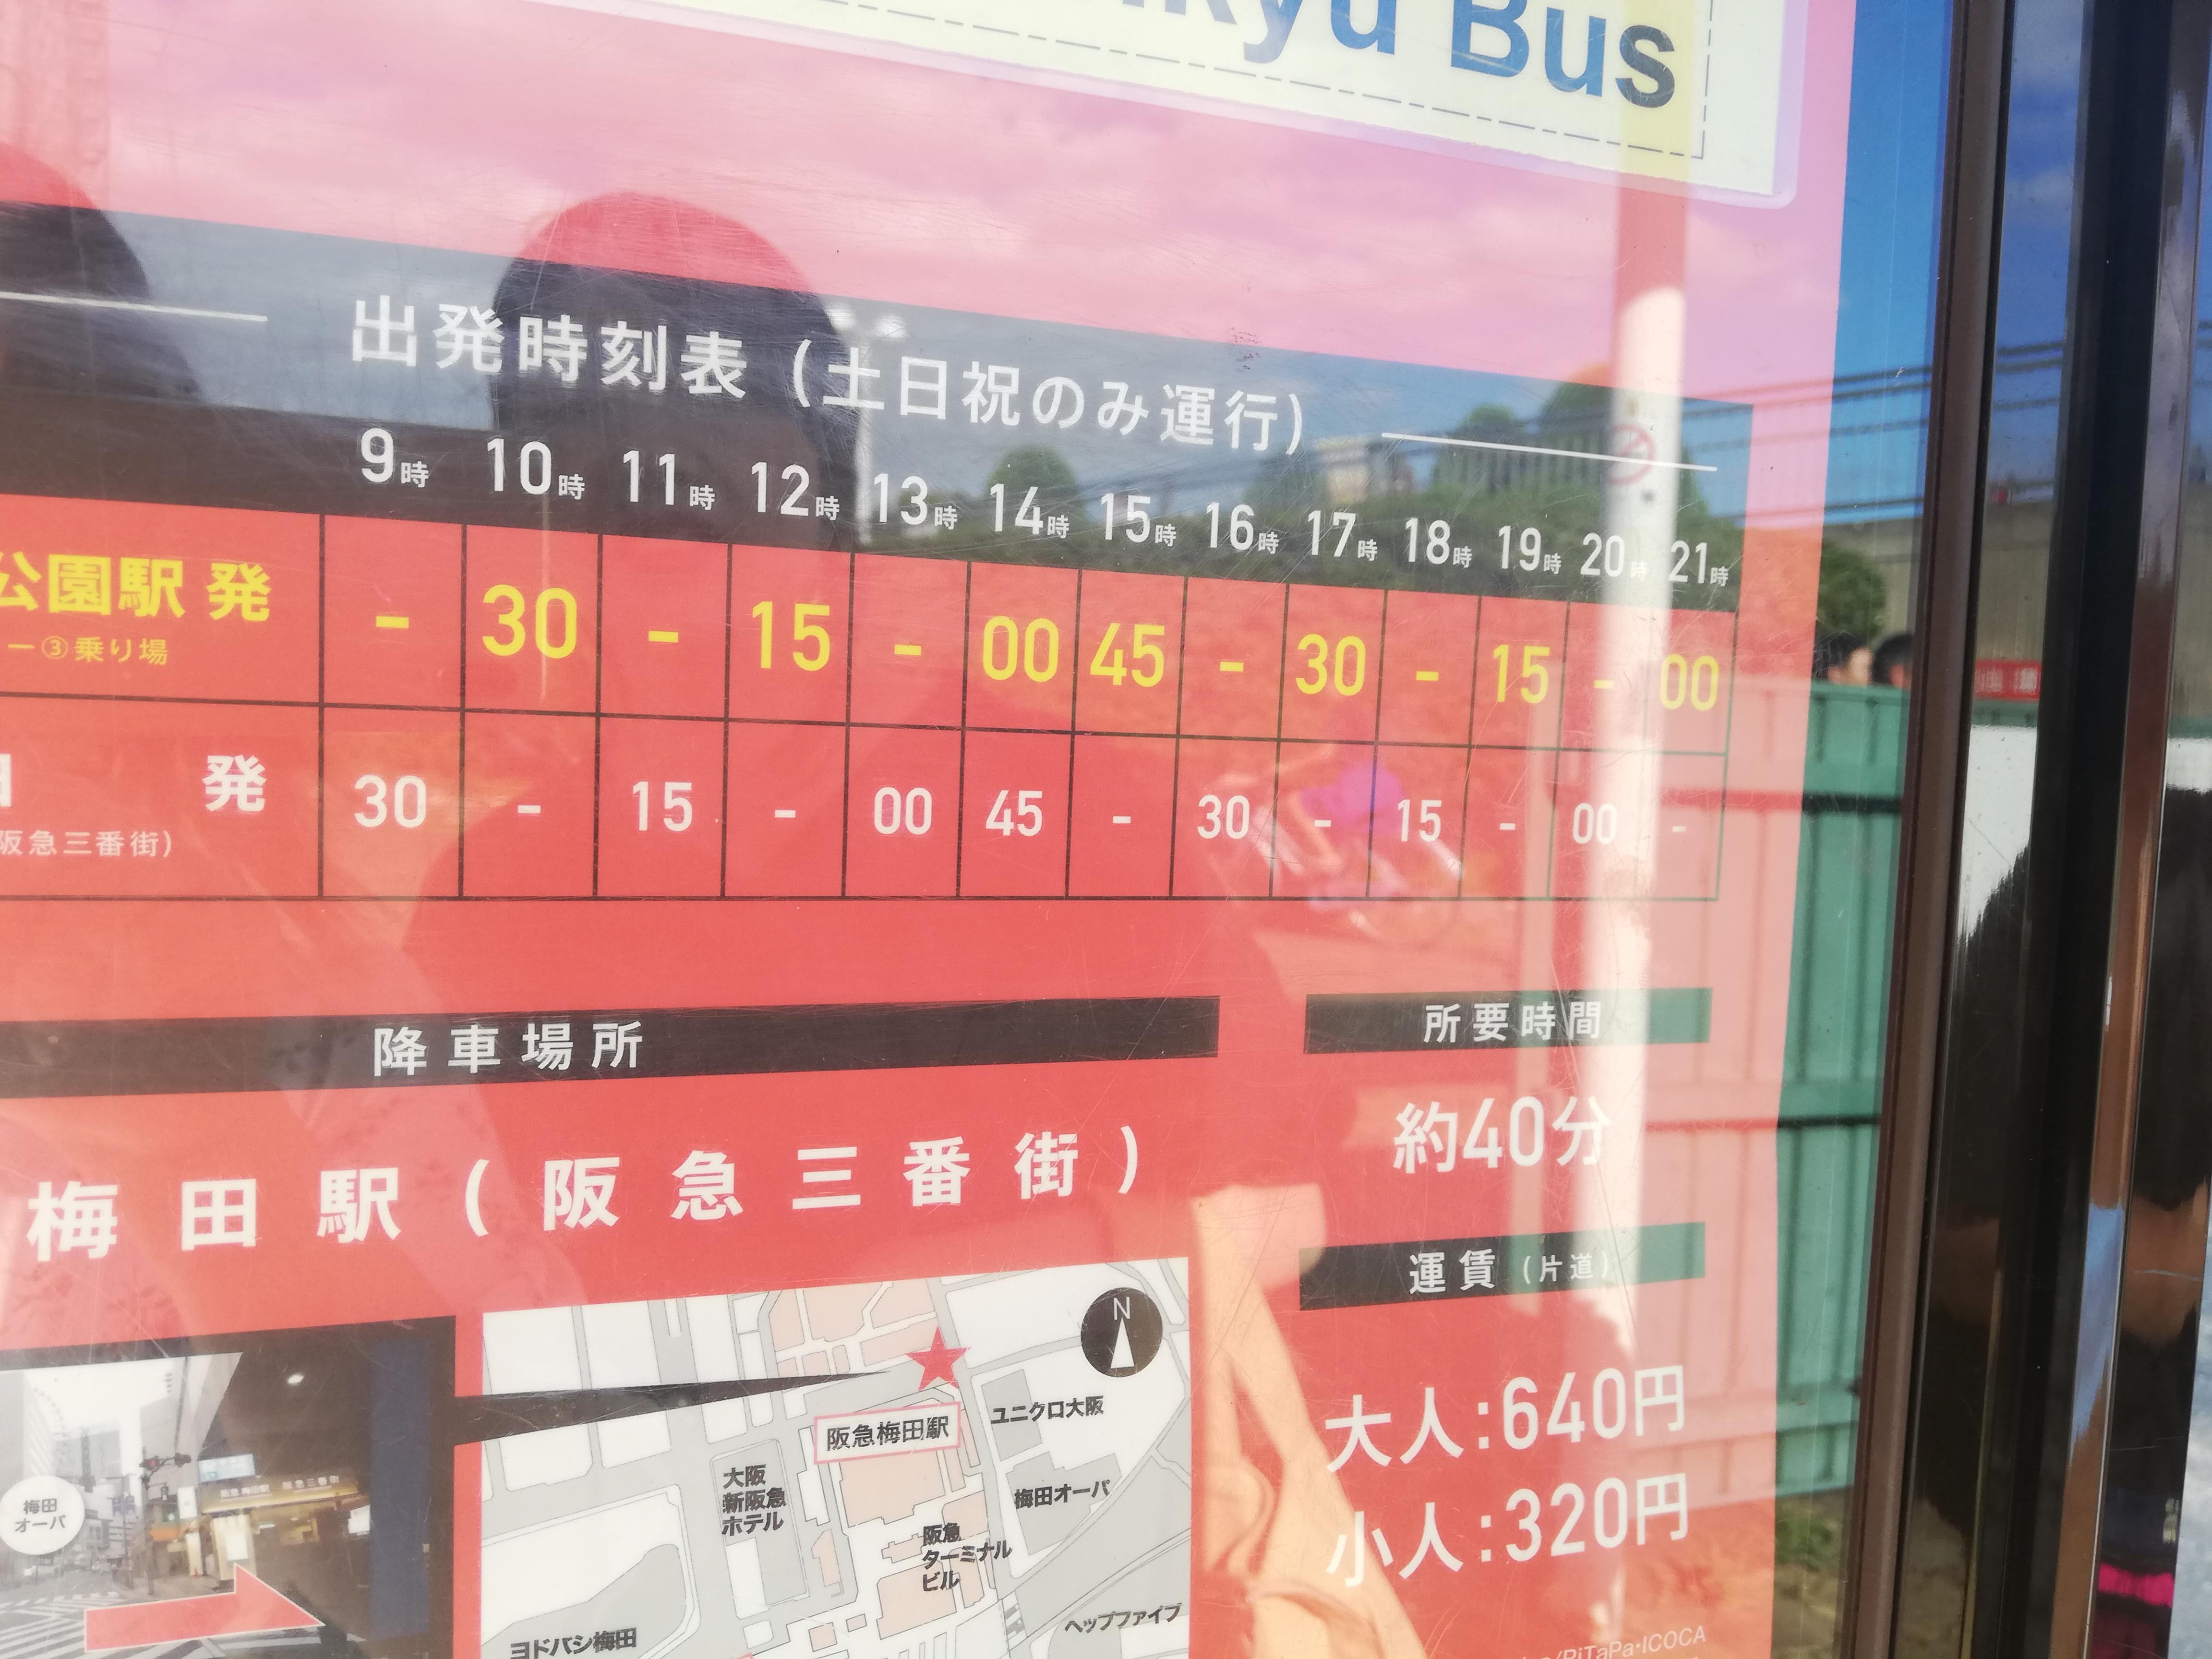 万博記念公園バスの時刻表写真